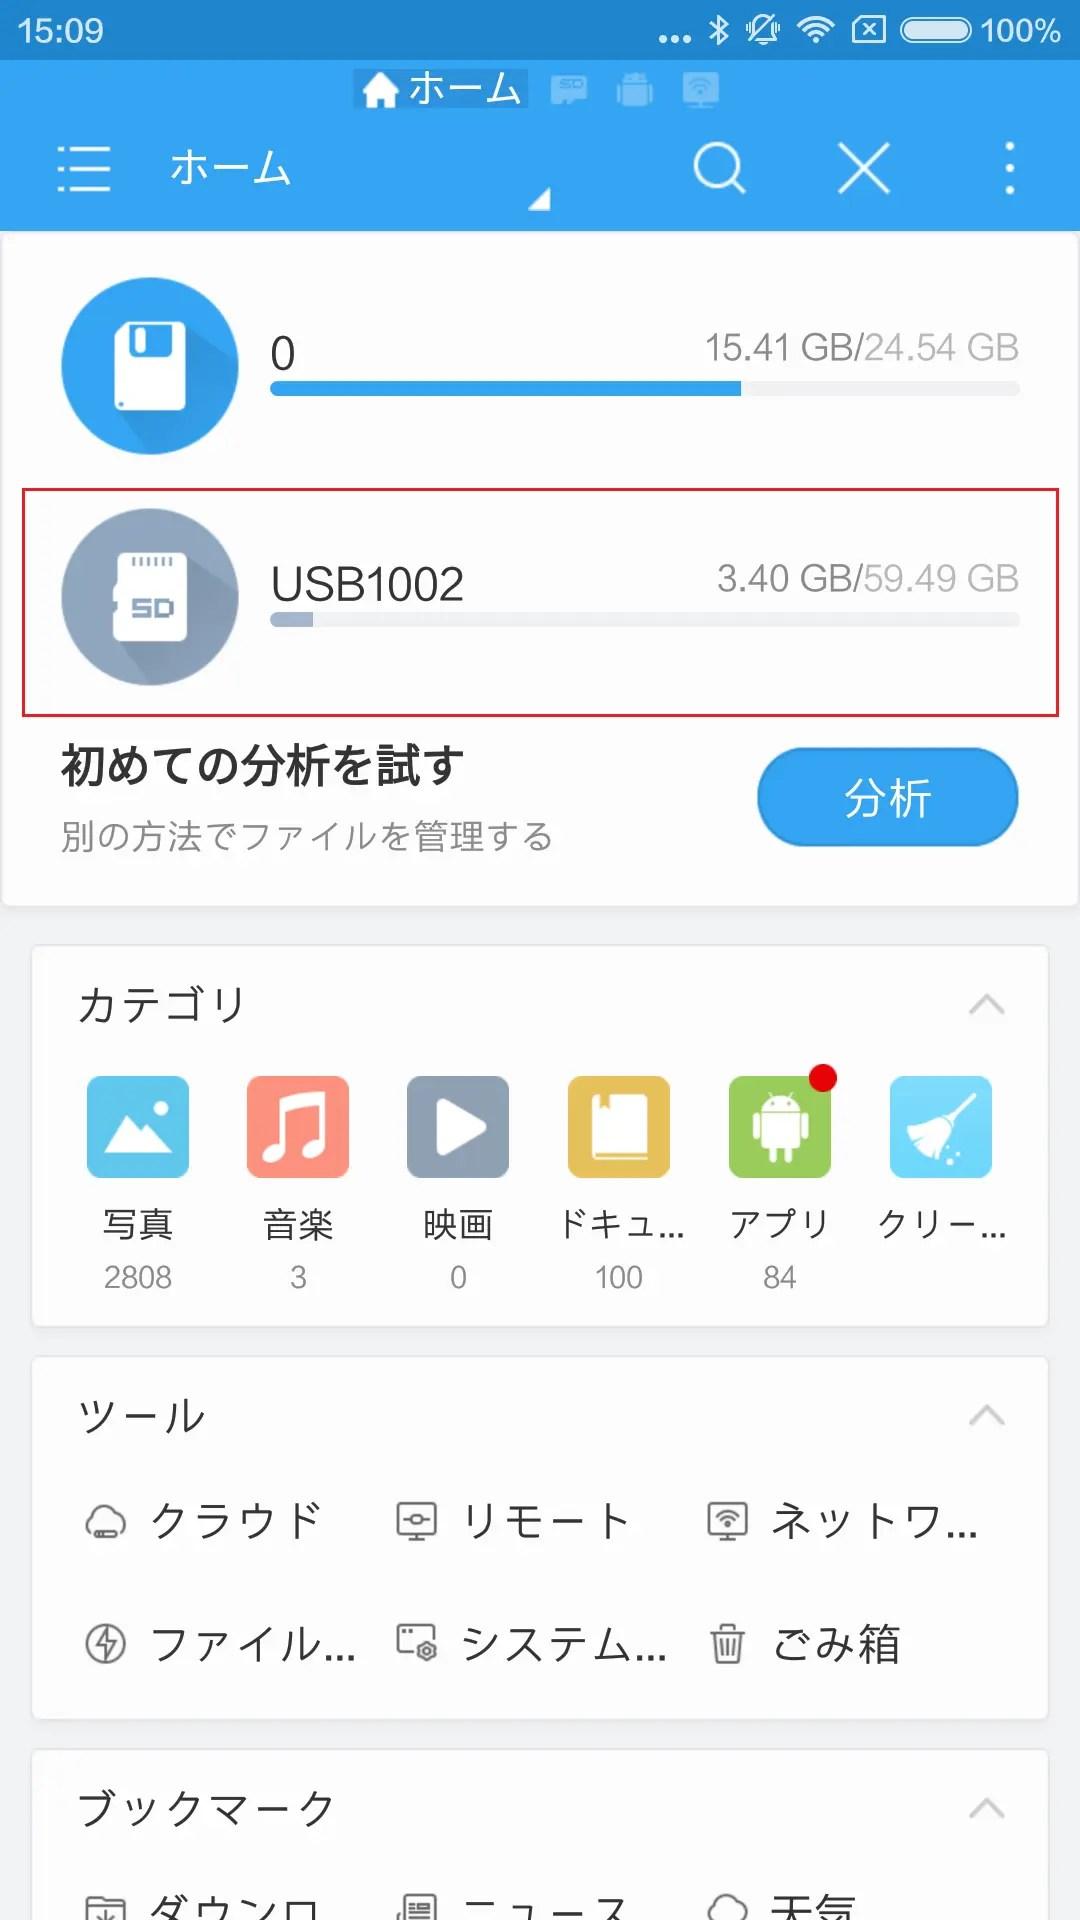 ESファイルエクスプローラー起動、USB1002を認識